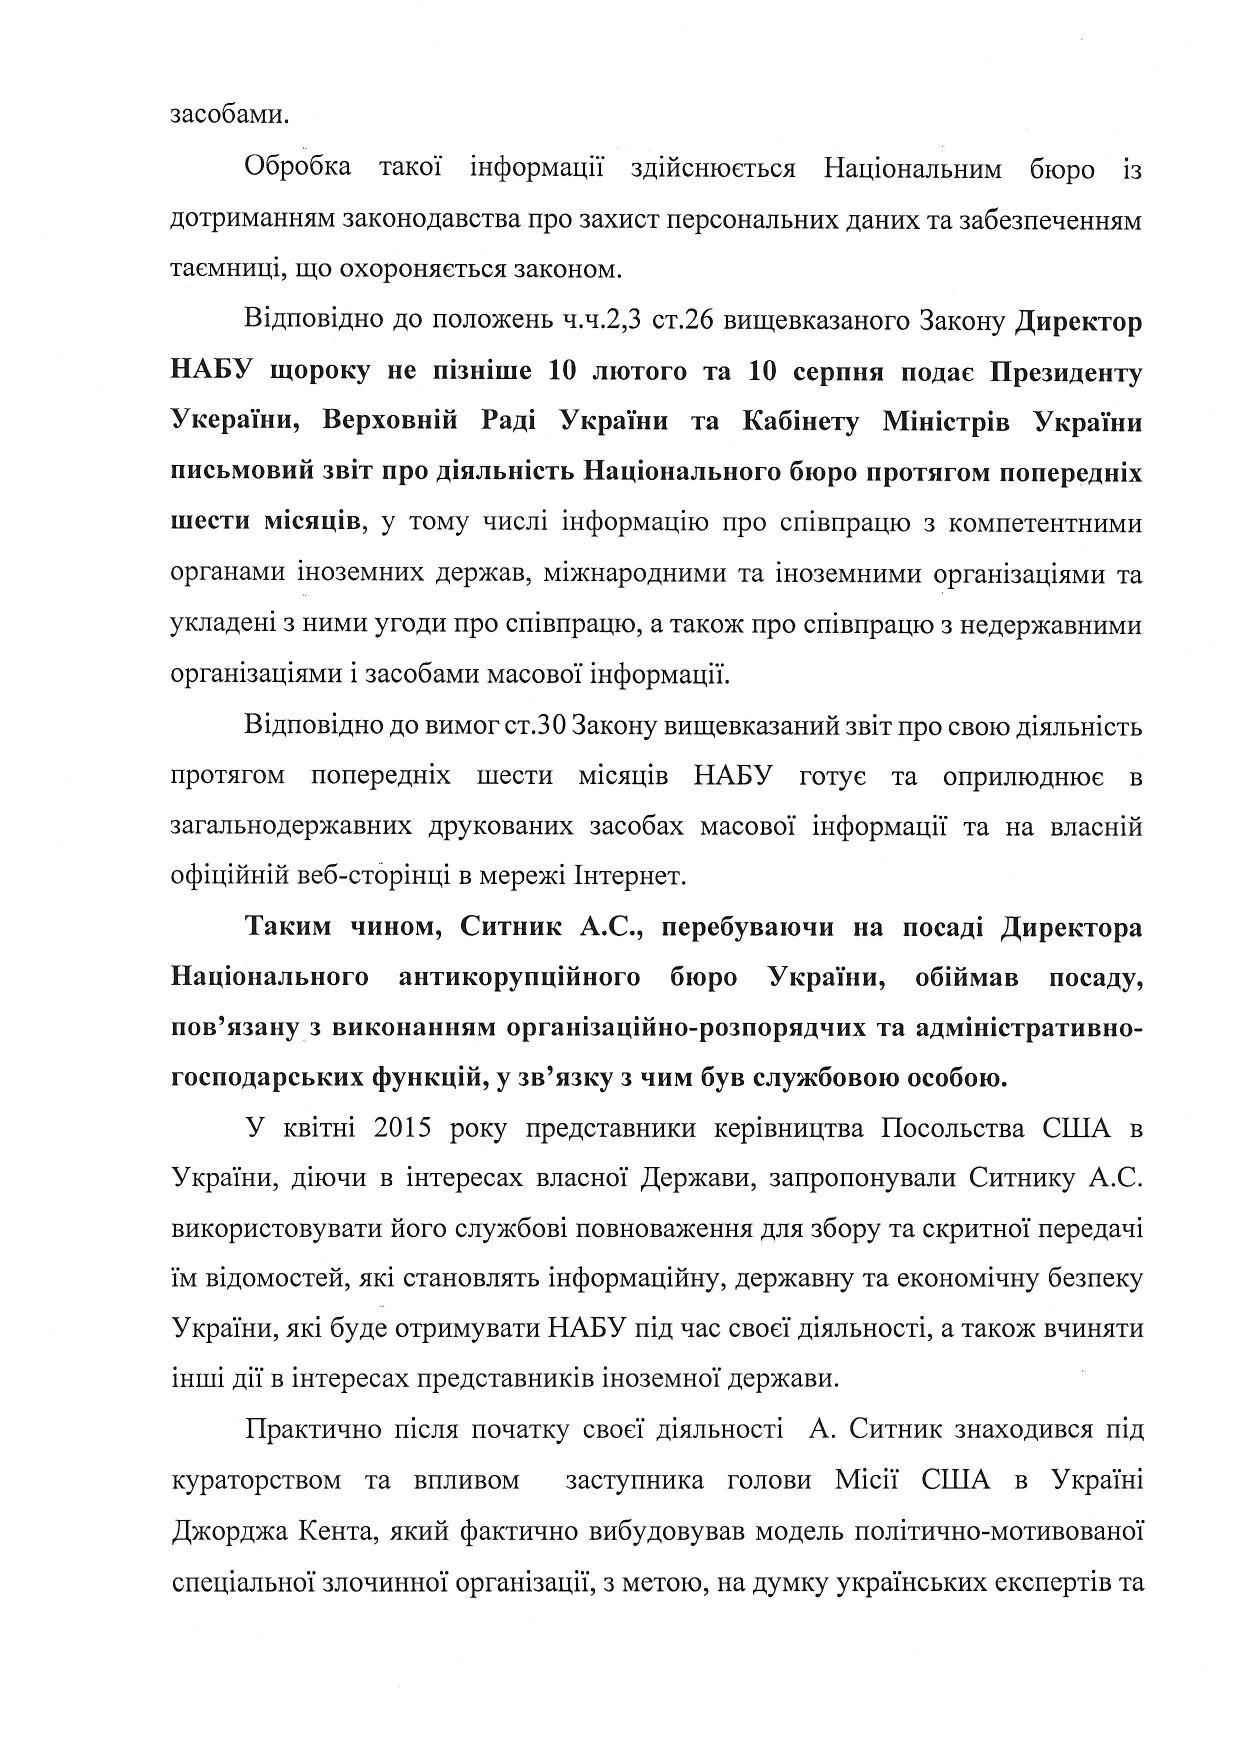 Нардеп Деркач звинуватив Ситника в державній зраді і шпигунстві